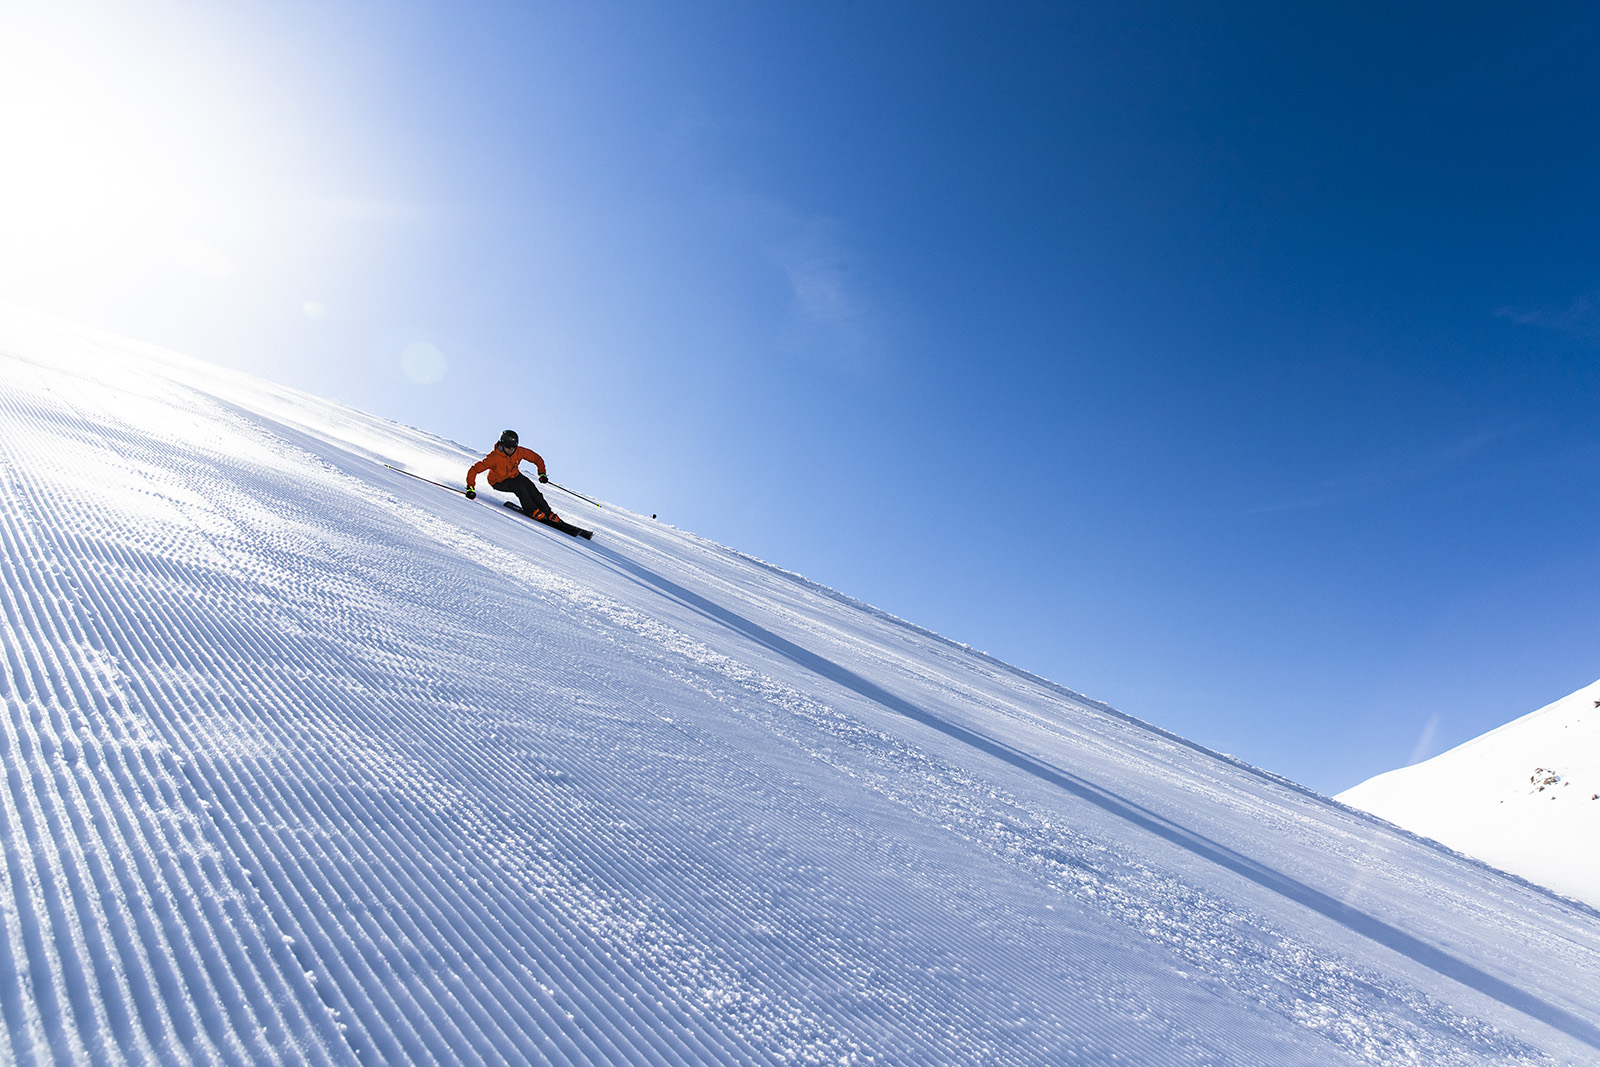 Tecnica: Neue Skischuh-Technologie für mehr Präzision